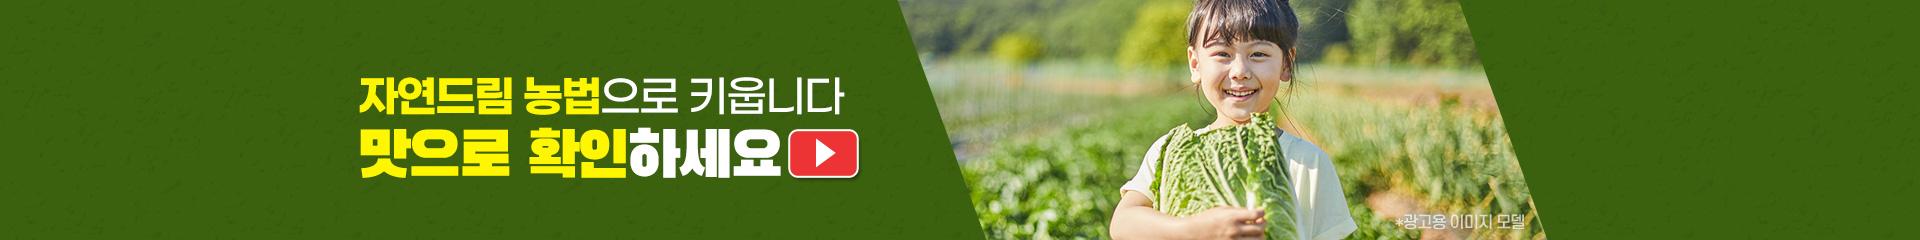 자연드림농법 홍보